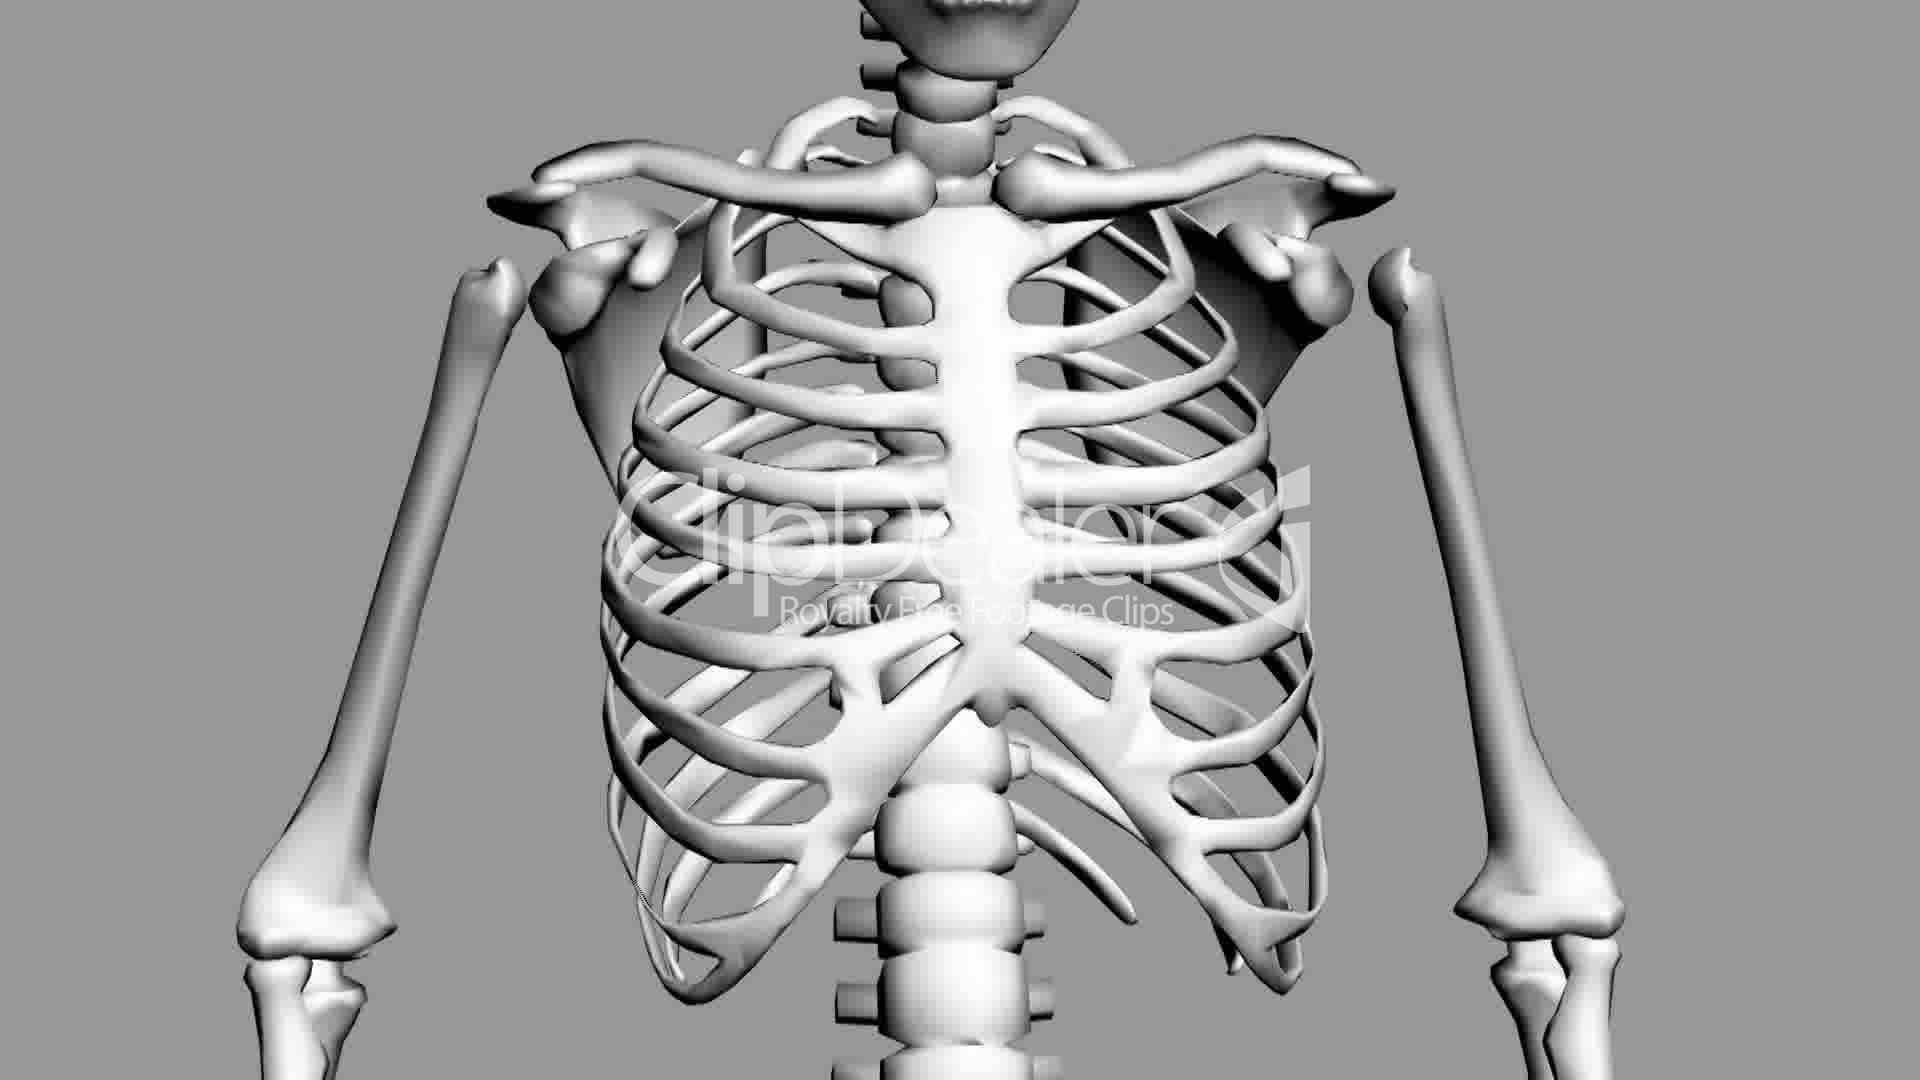 Human Skeleton Chest Bones 784g 19201080 Something Pinterest